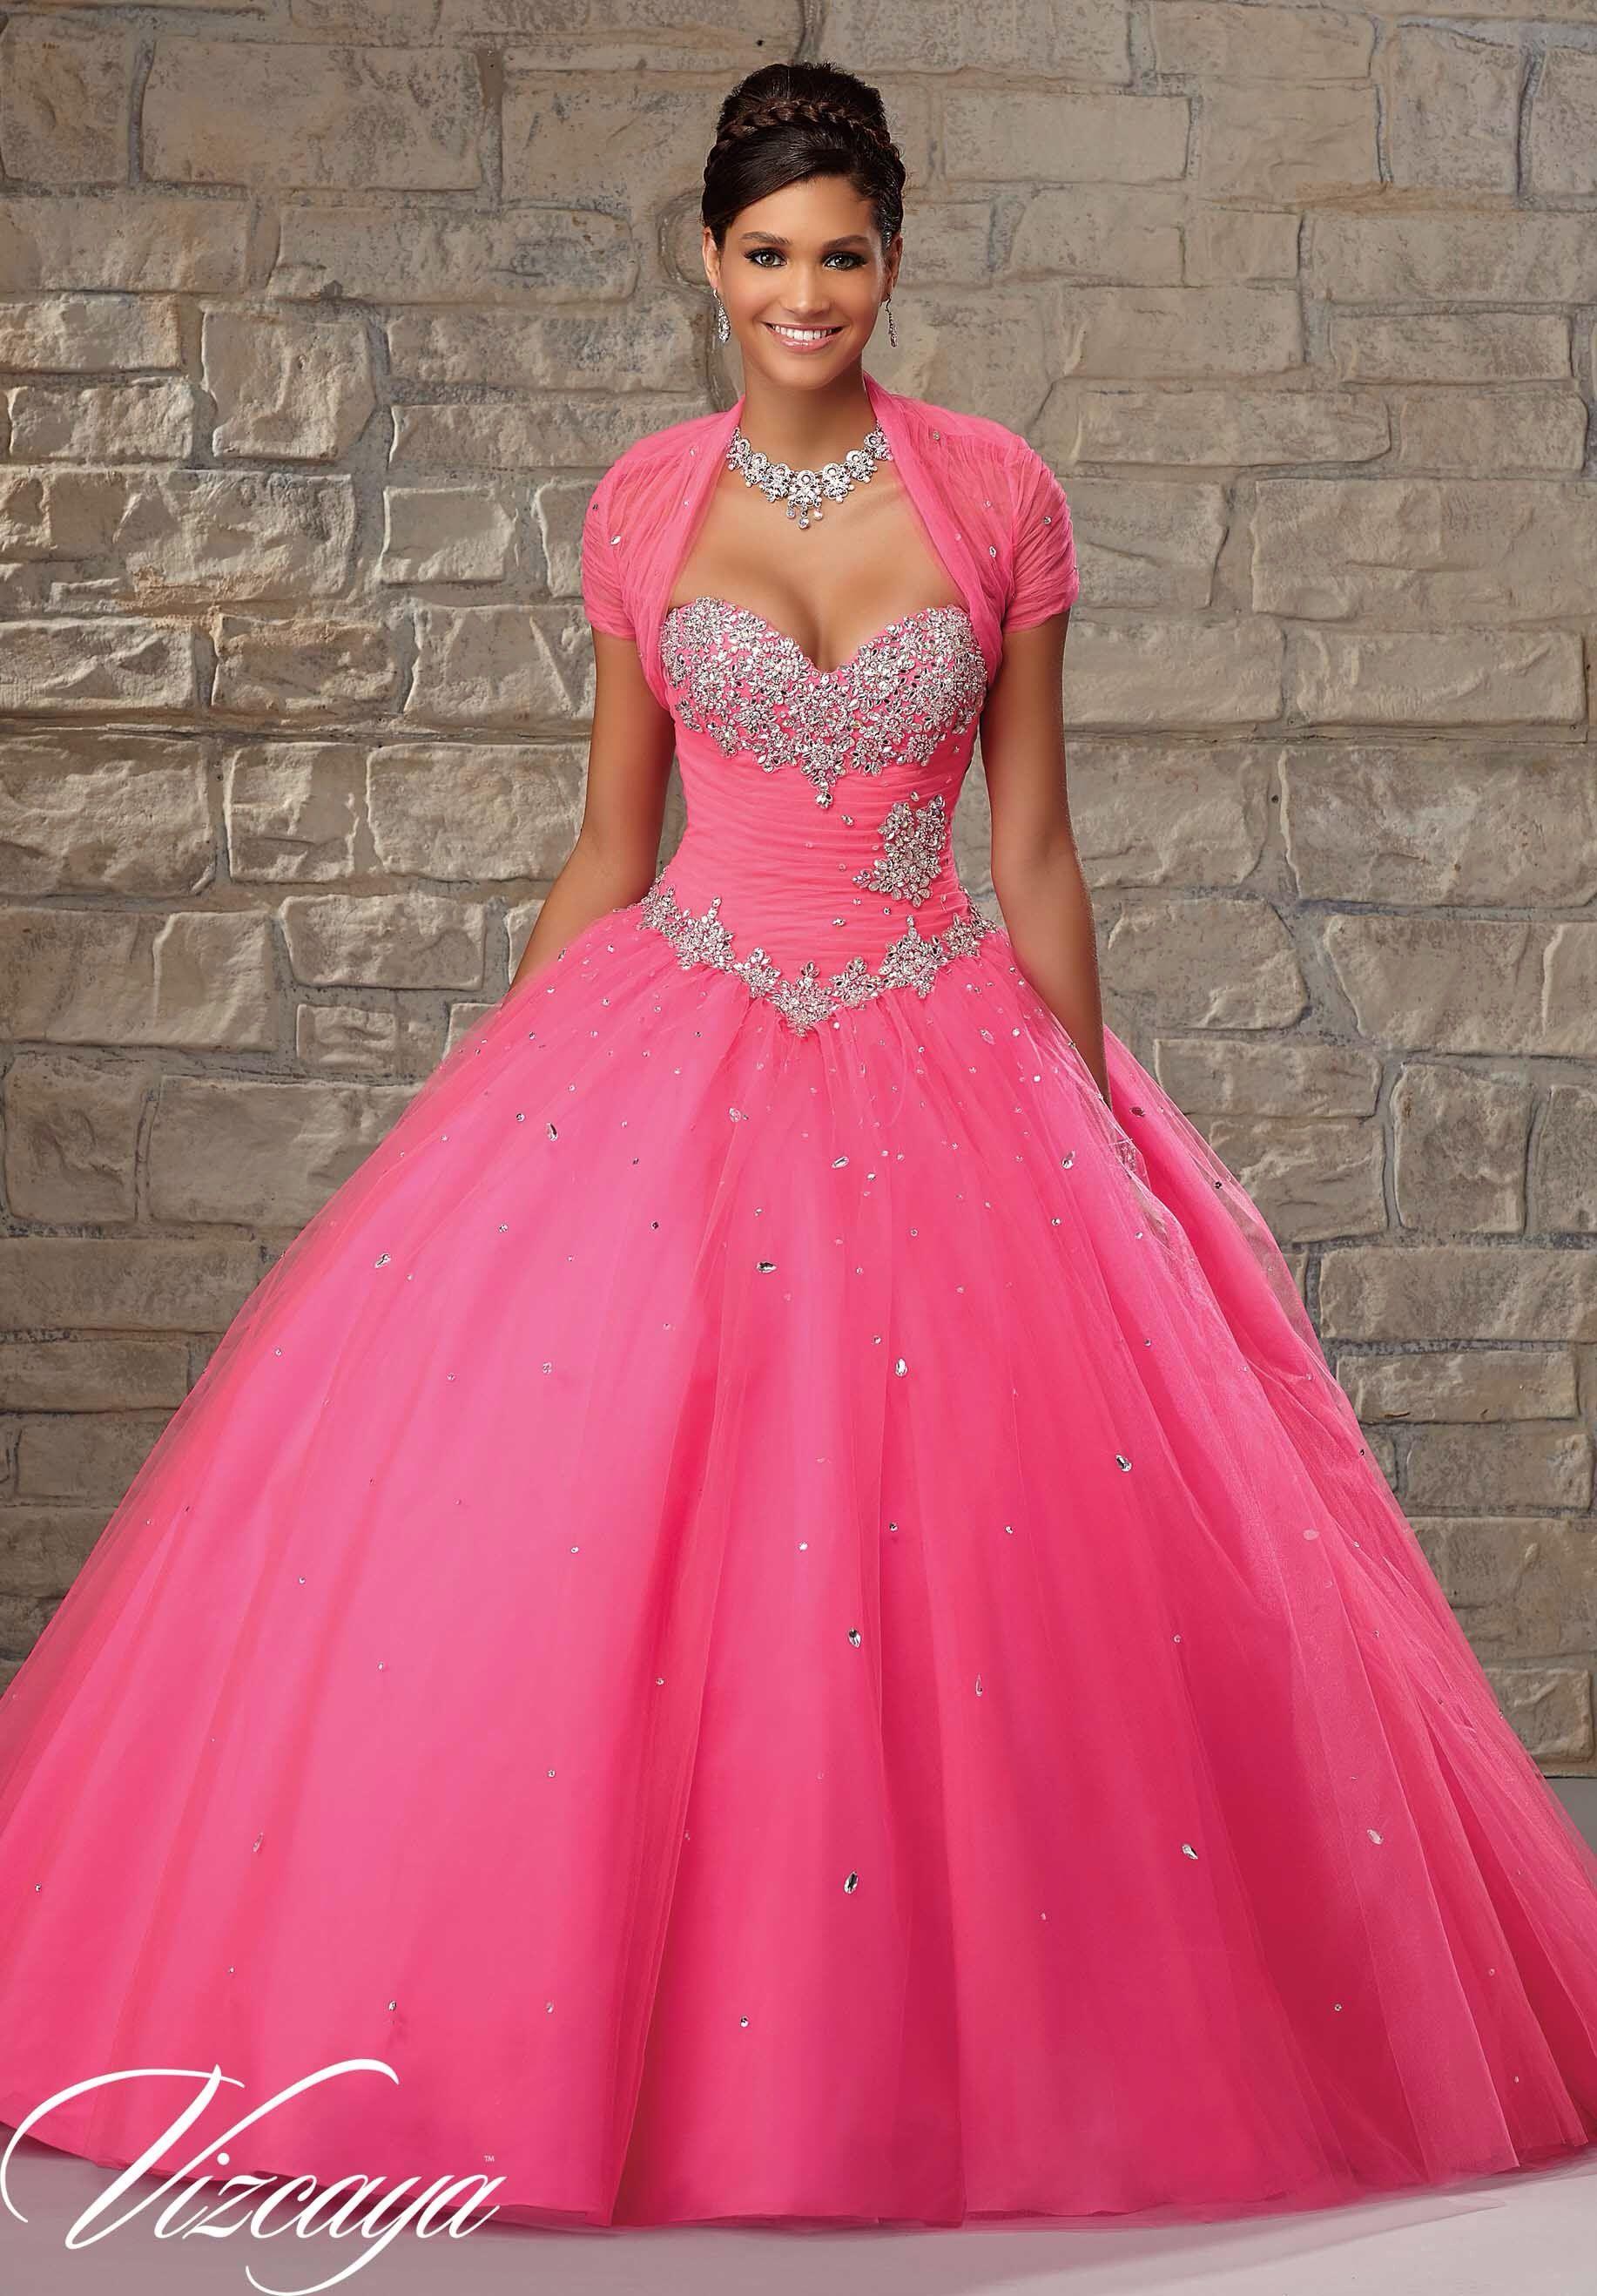 Pin de Sabby C. Rivera en quinceanera dresses | Pinterest | Vestidos ...